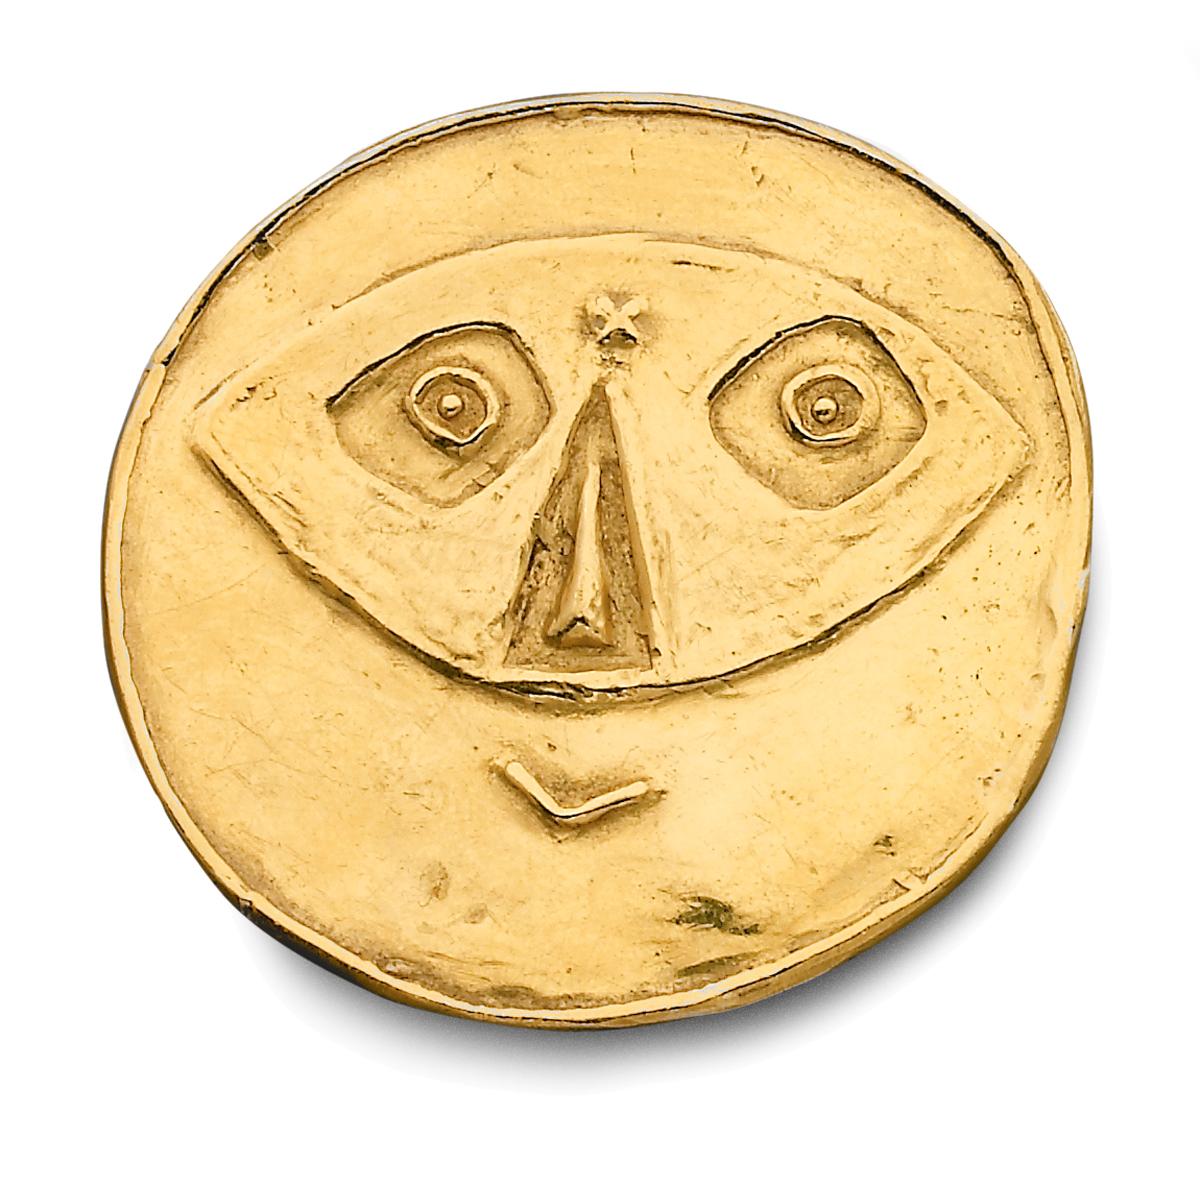 Pablo Picasso door François Hugo, Face of Faun, 16/20, 1970-1979. Particuliere collectie Parijs, goud